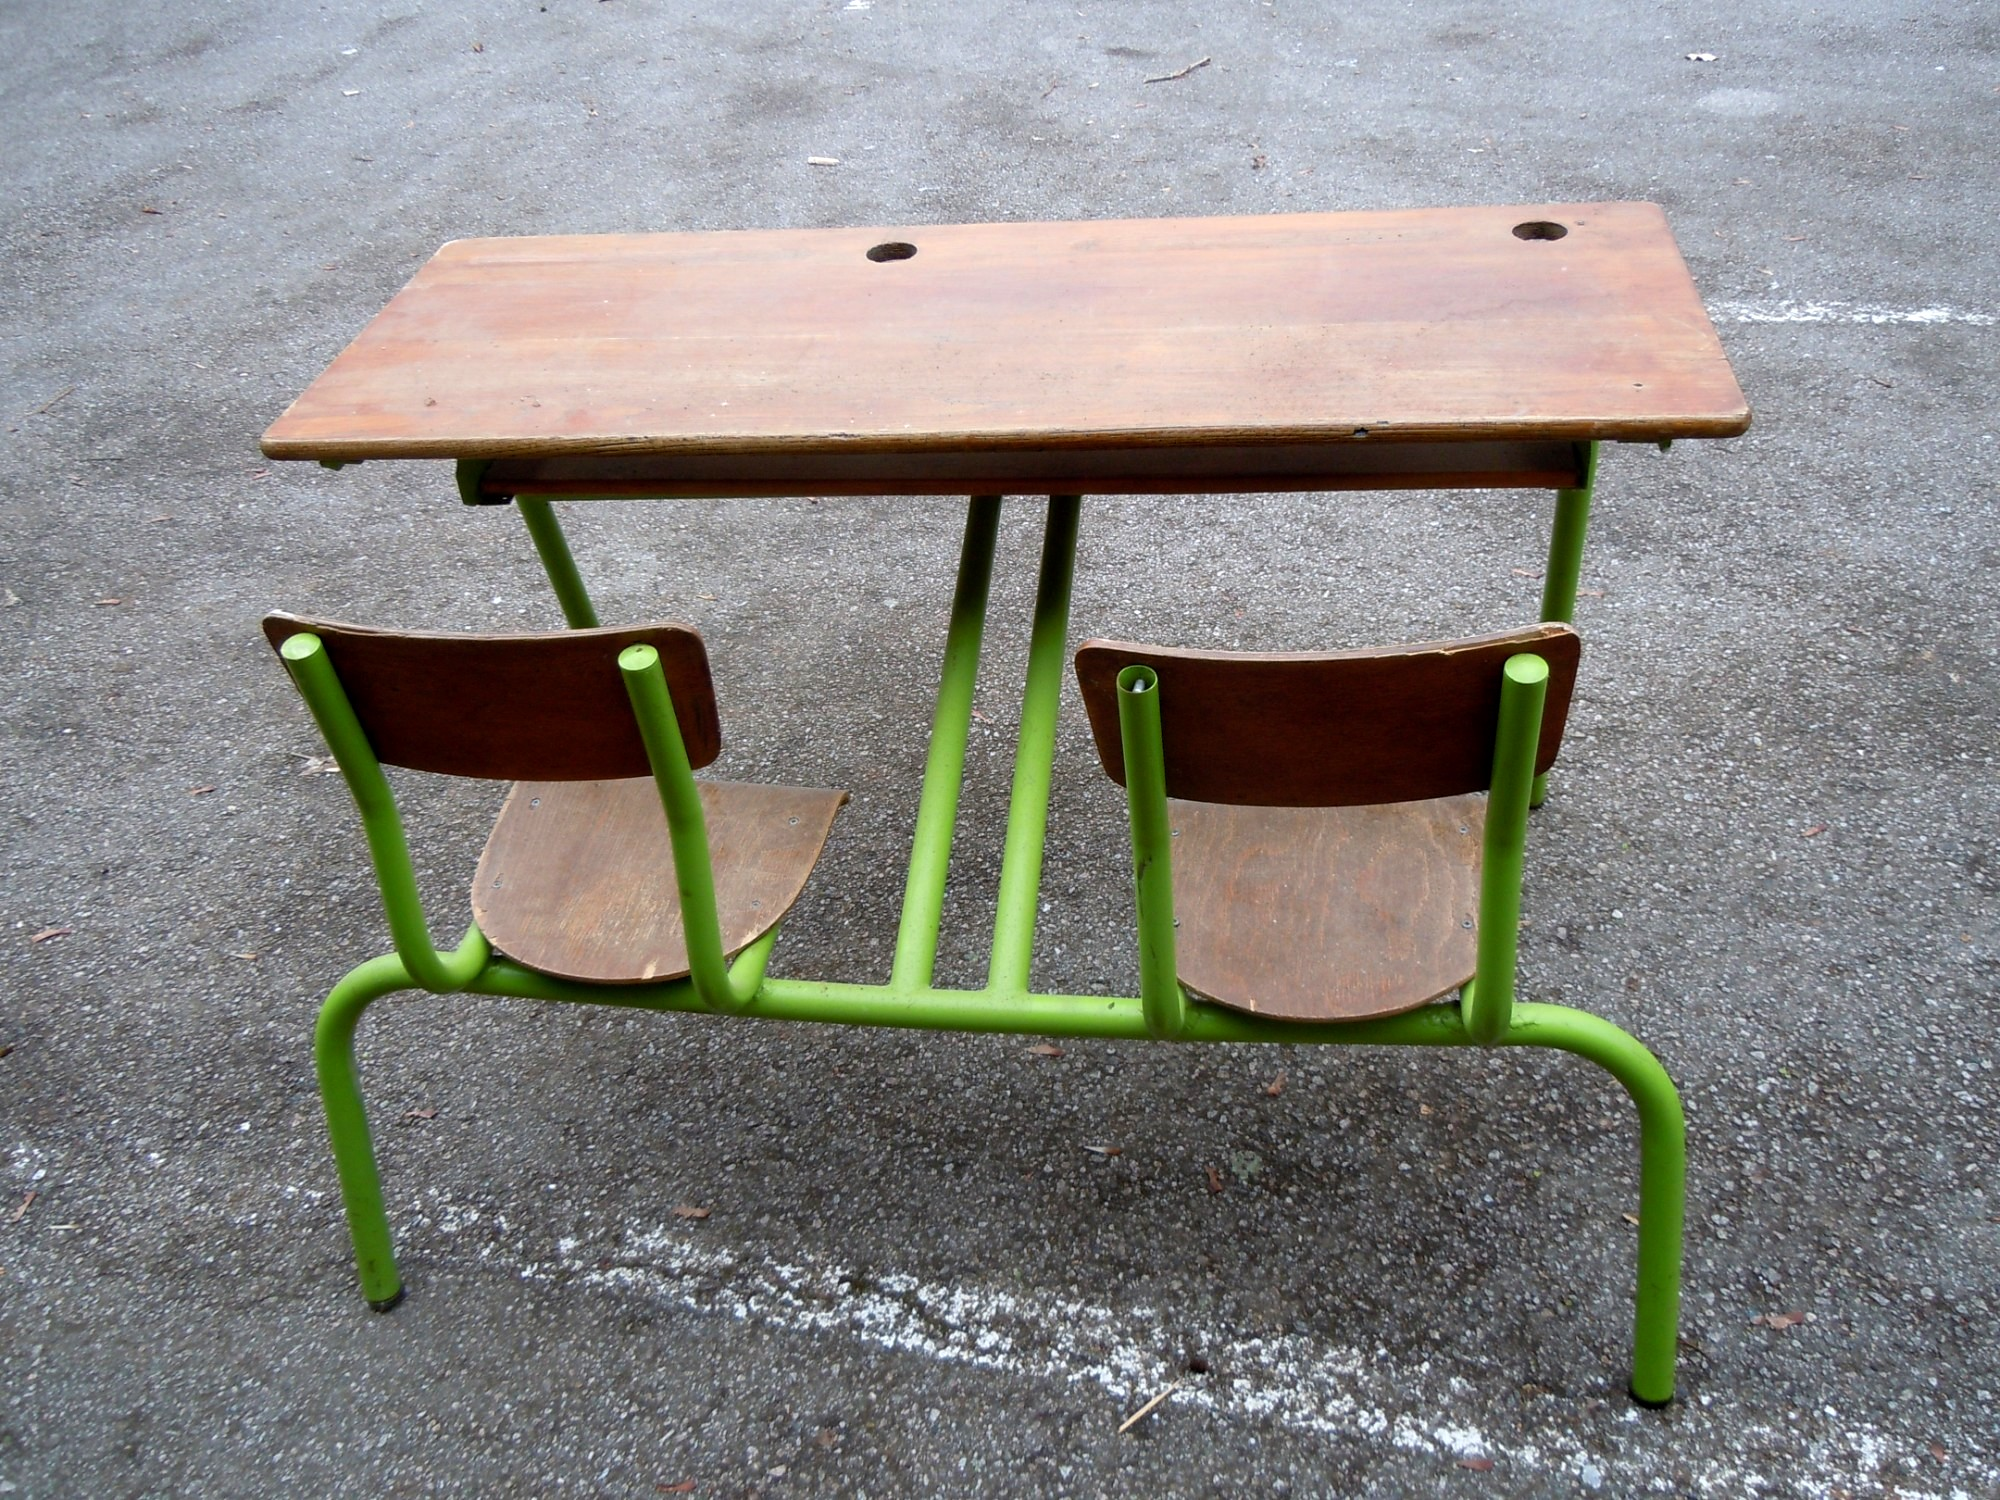 Vente de mobilier scolaire